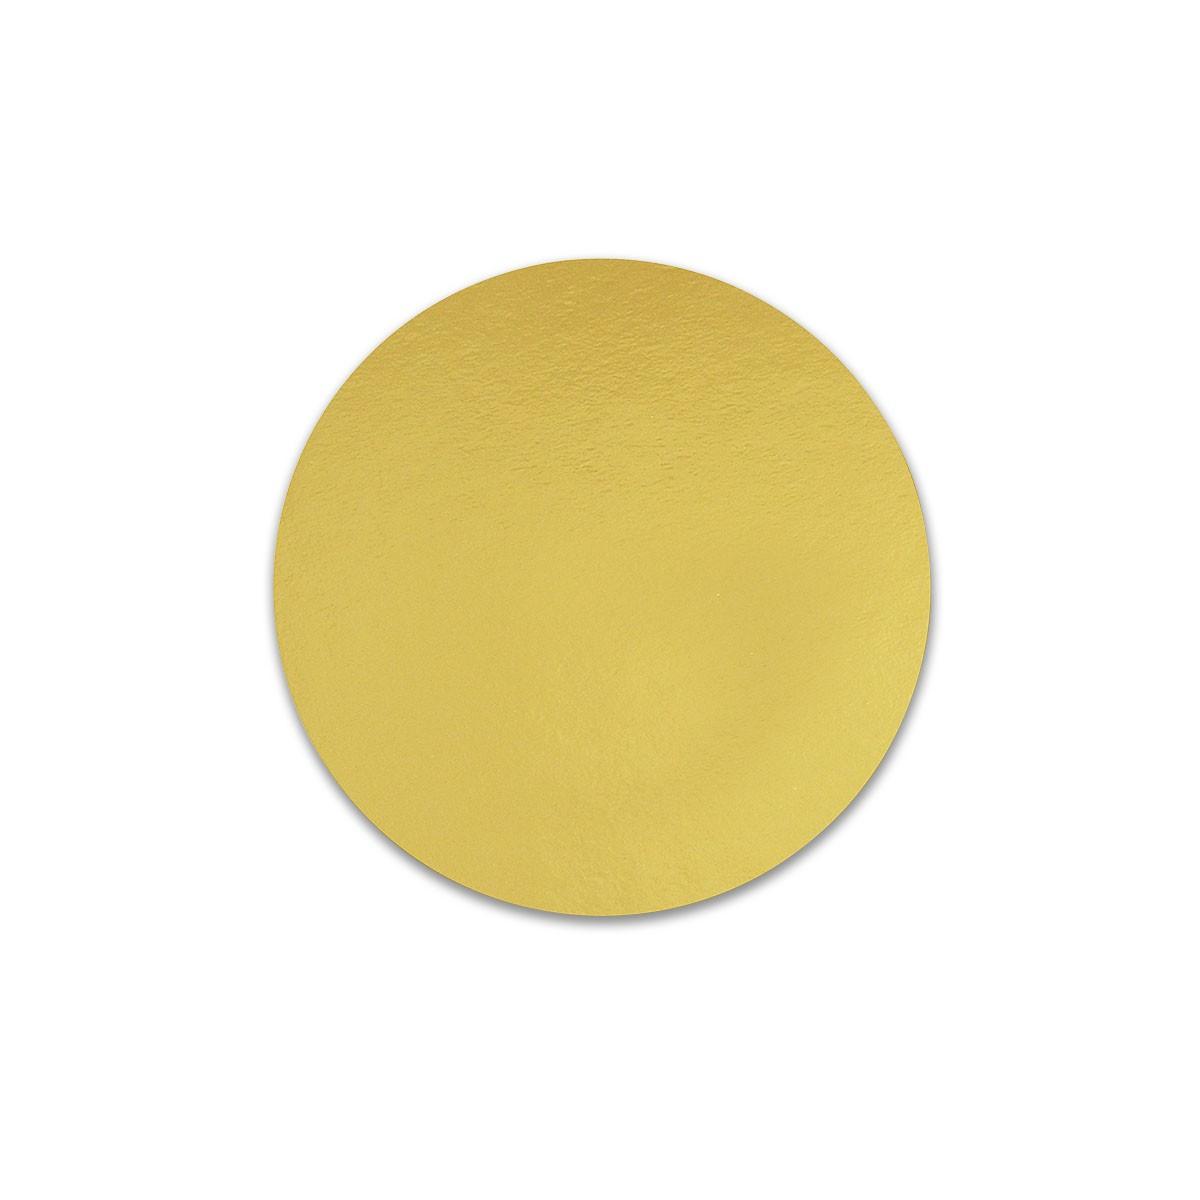 Round Cardboard Cake Base ⌀8in - Gold | 100pcs